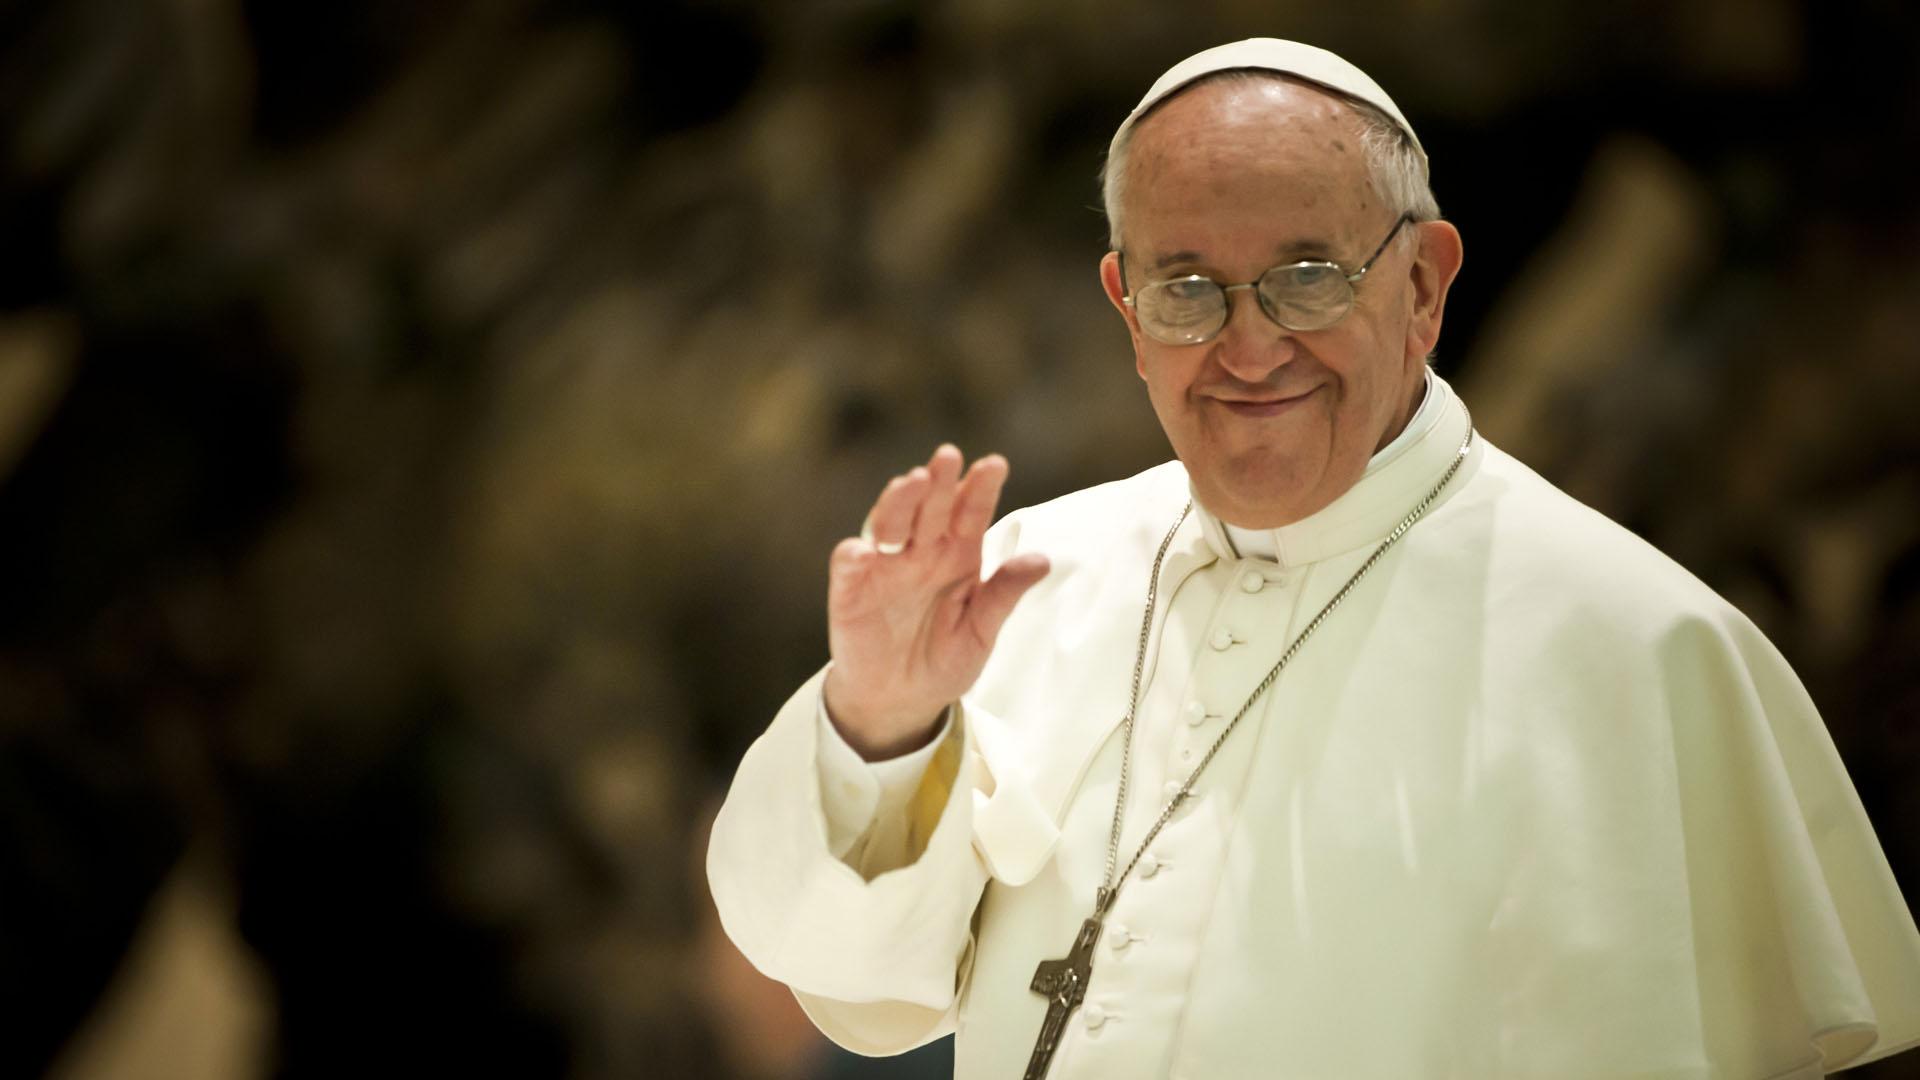 Le pape François vacciné contre la Covid-19